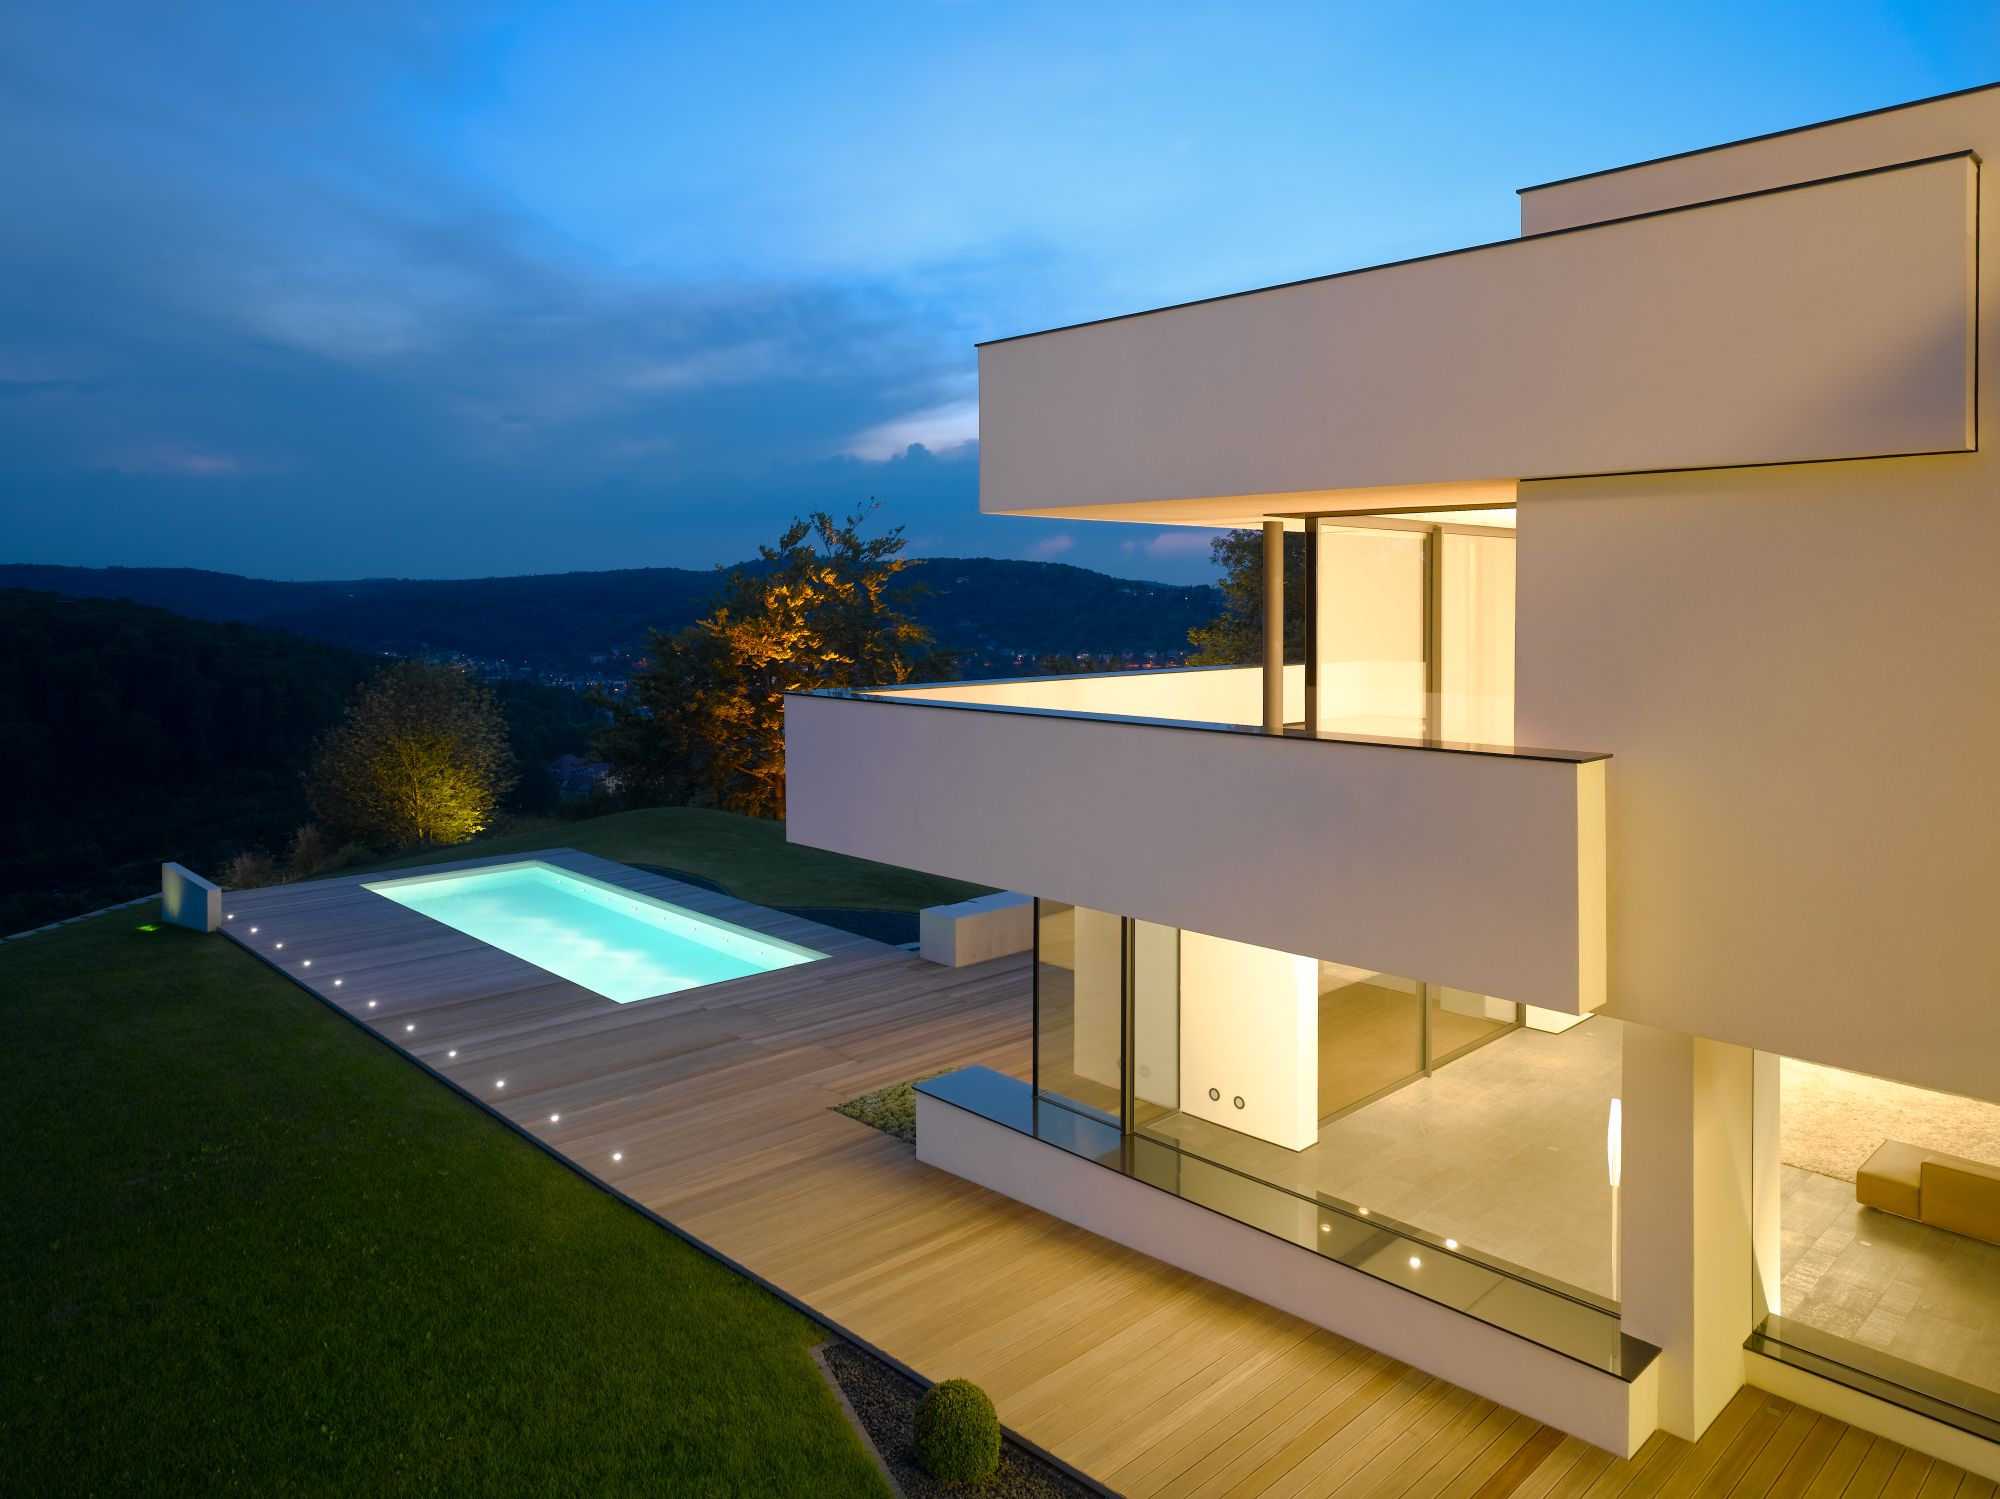 Stilpunkte-Blog: Haus am oberen Berg, Nachtaufnahme, Alexander Brenner, Foto: Zooey Braun